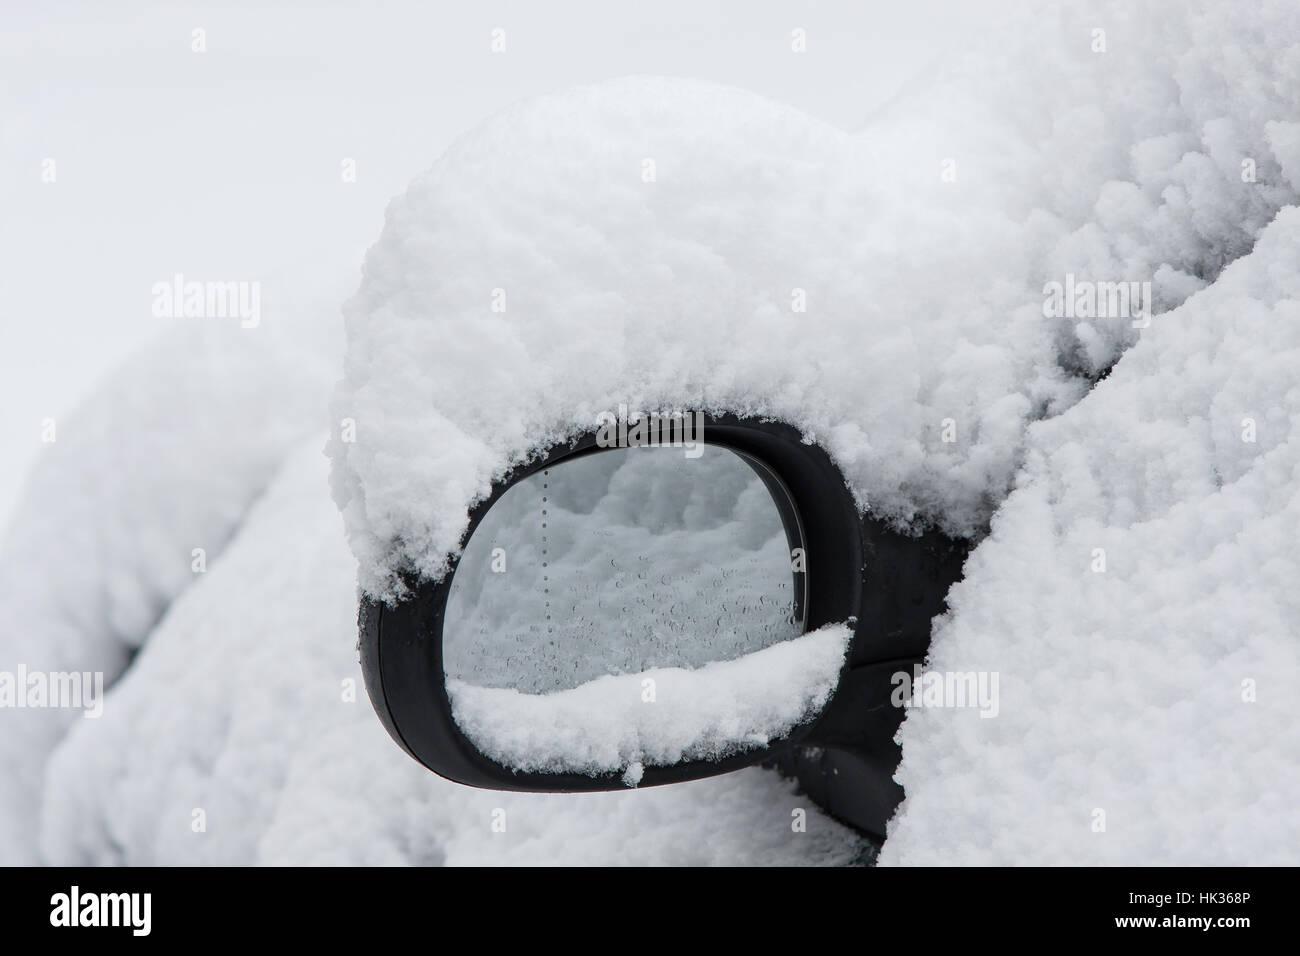 Miroir de voiture enneigée Photo Stock